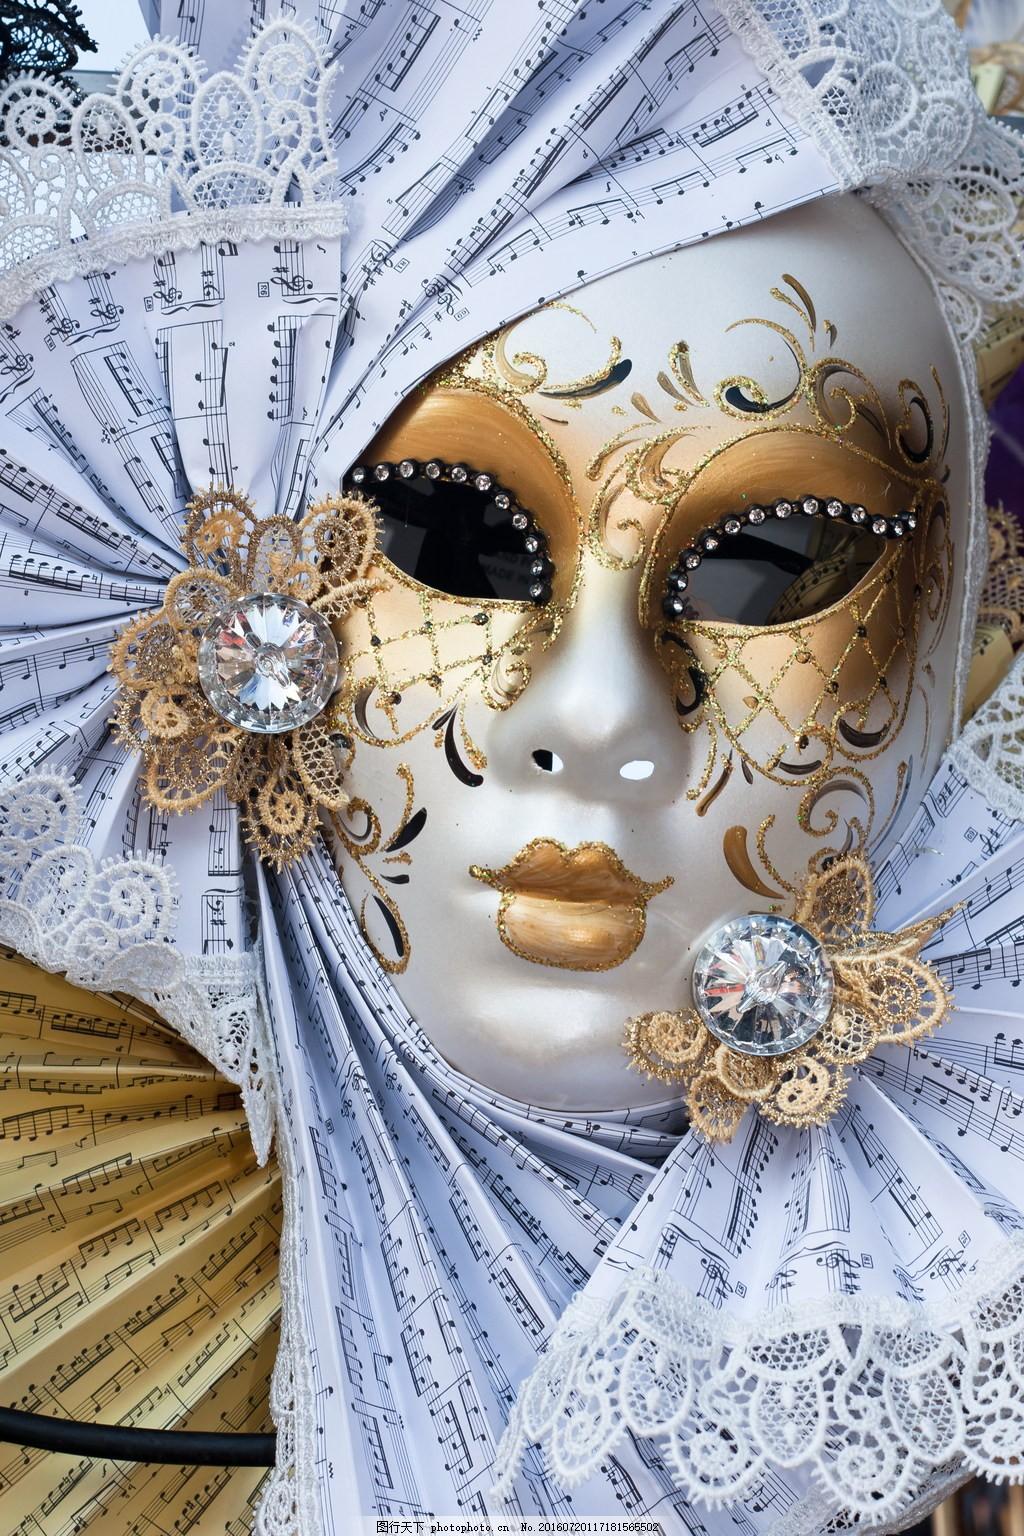 威尼斯美女面具 高清威尼斯美女面具图片下载 艳后 女性面具 威尼斯面